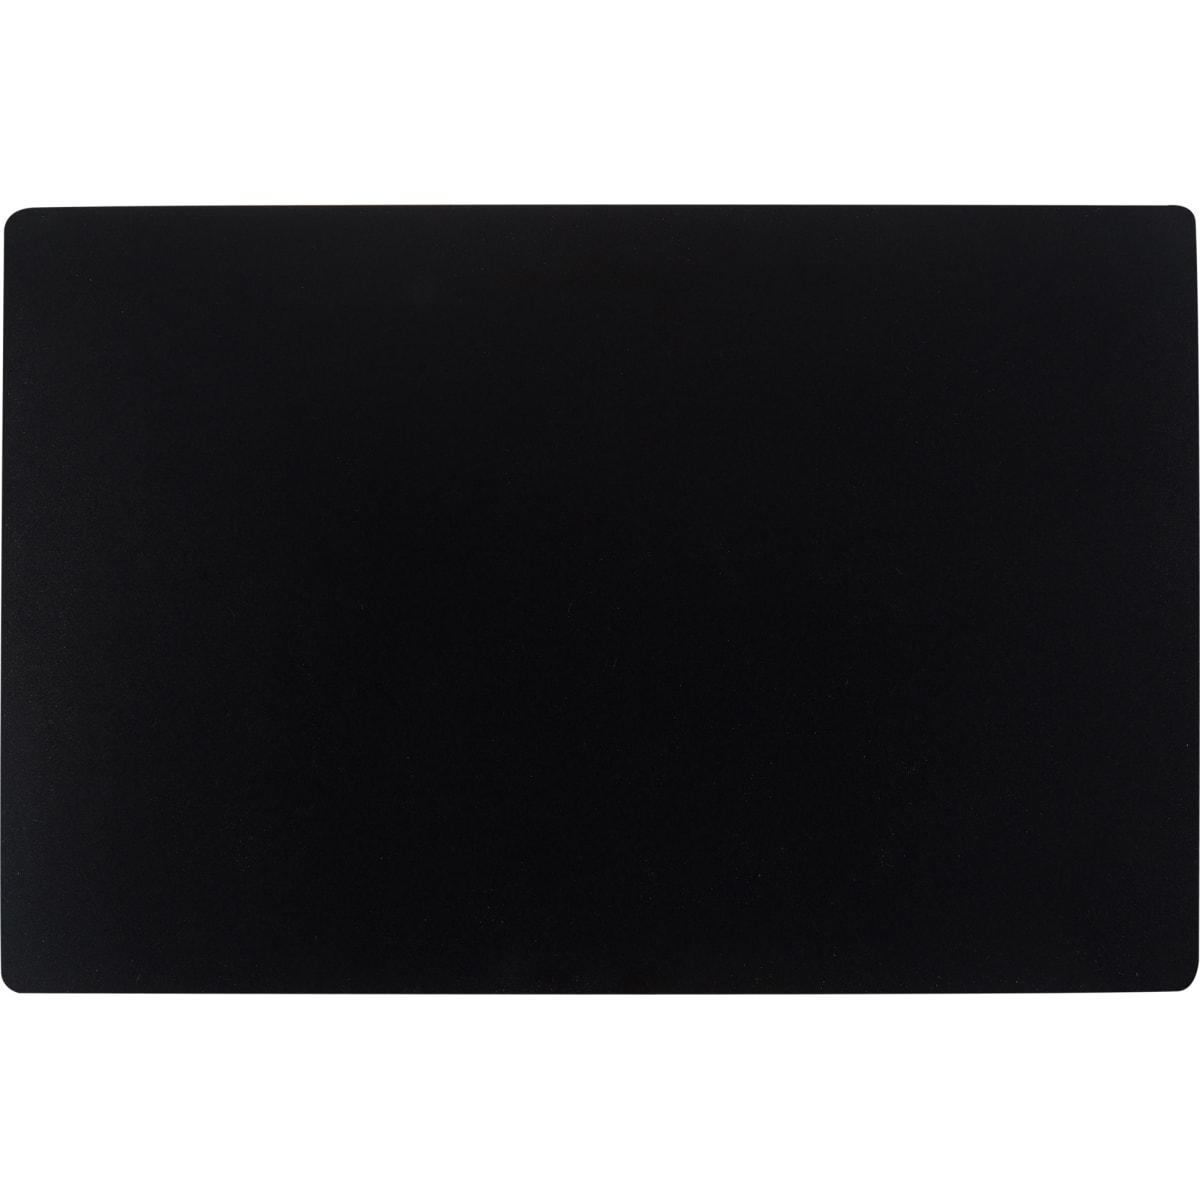 Коврик настольный 38x58 см полипропилен чвет чёрный